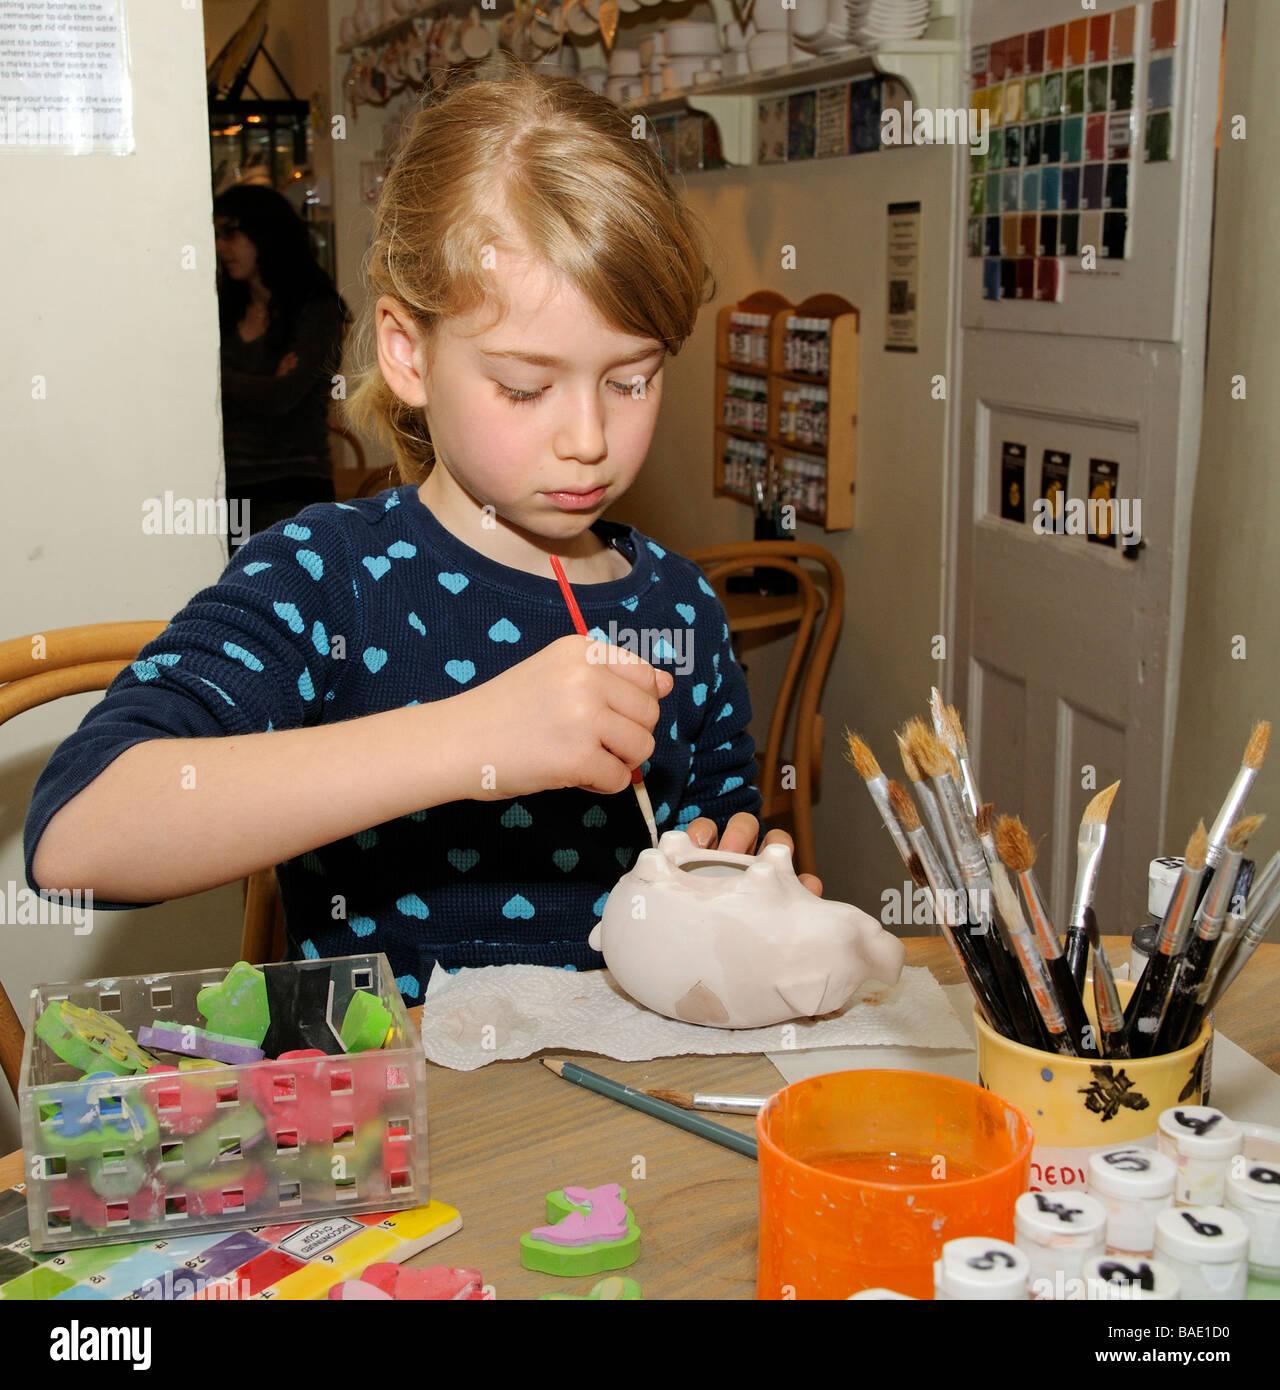 Cafe de la poterie et la peinture girl decorating une boîte d'argent argile Photo Stock